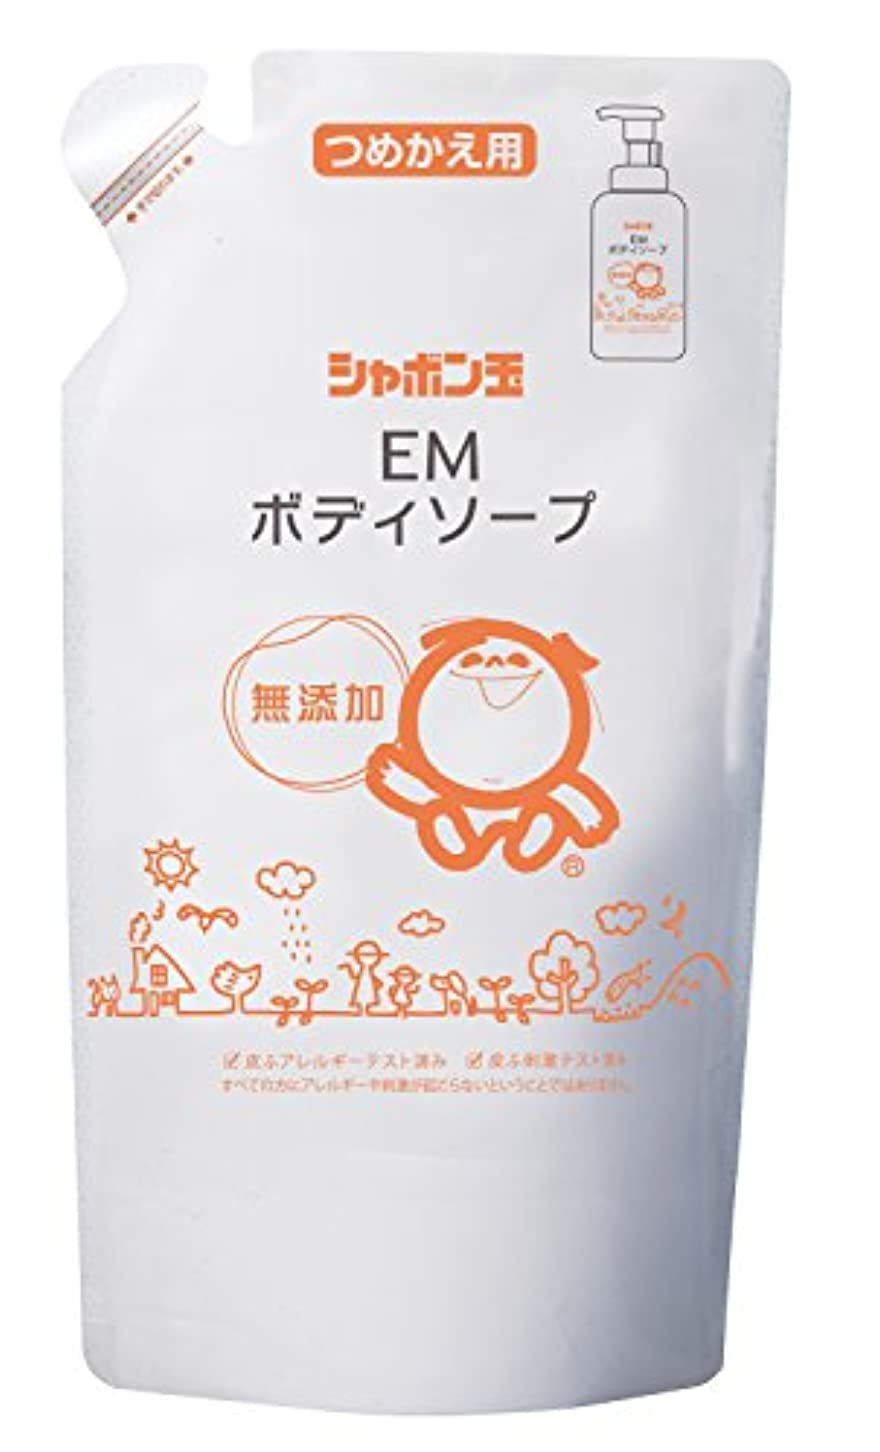 節約分析的マウントバンクシャボン玉EMせっけんボディソープ詰替え用(420ml)